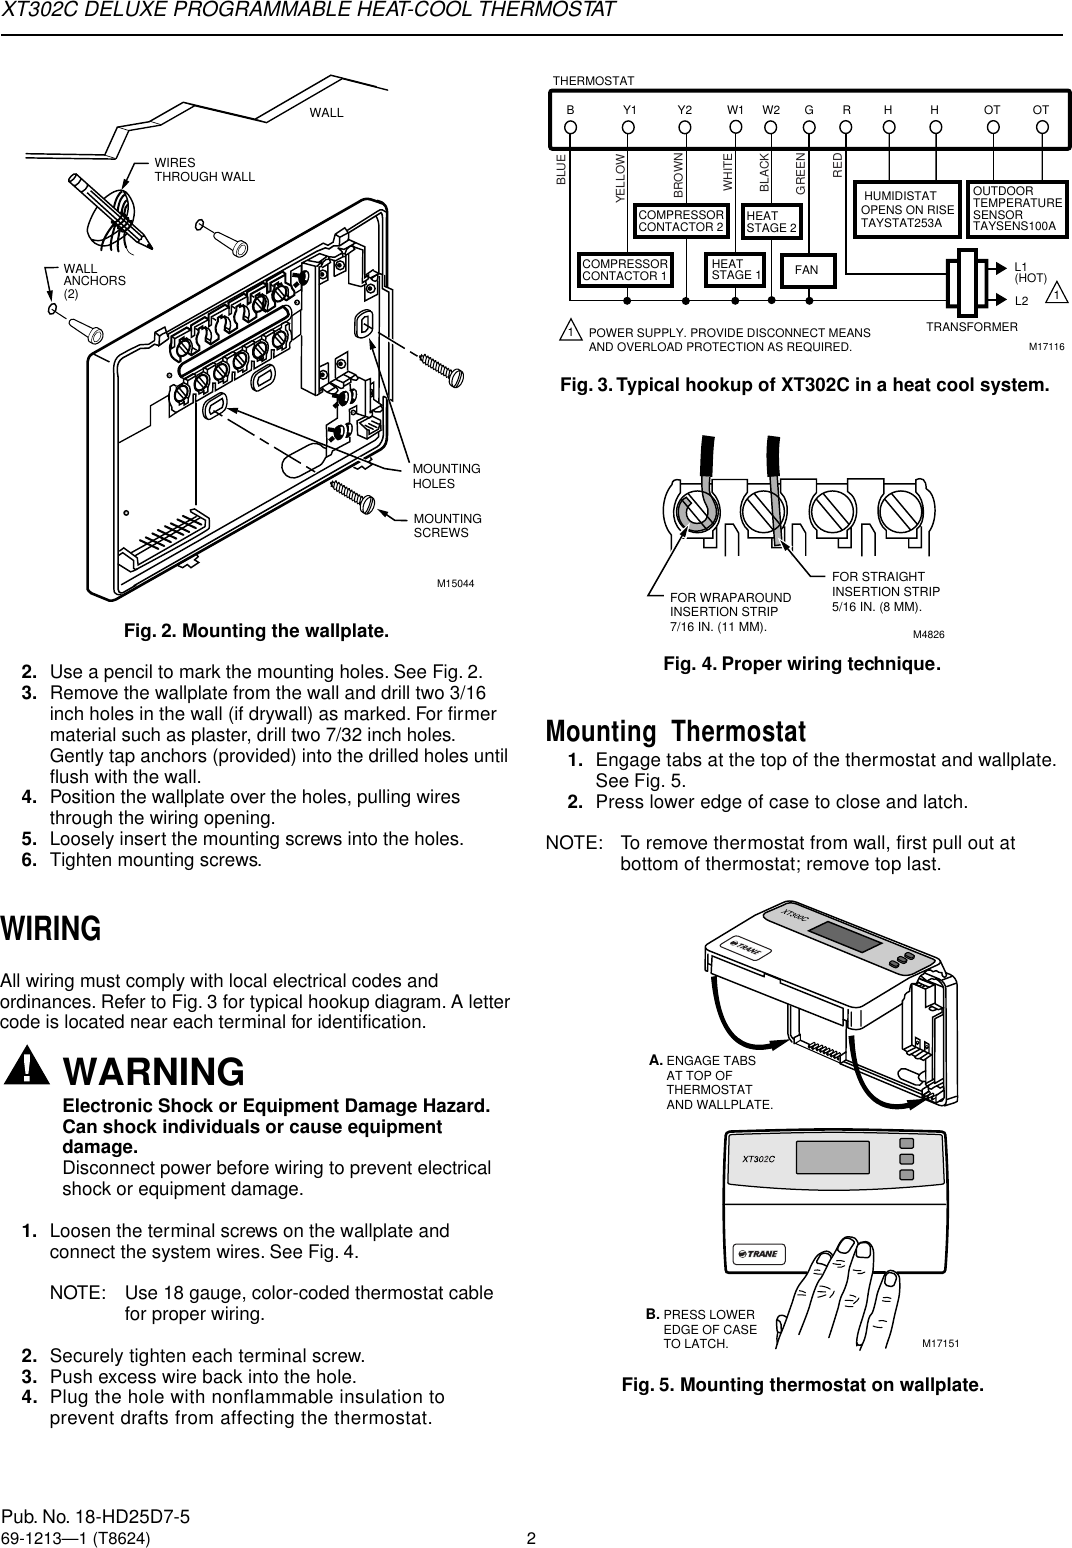 Trane Xt302c Users Manual 69 1213 Deluxe Programmable Heat